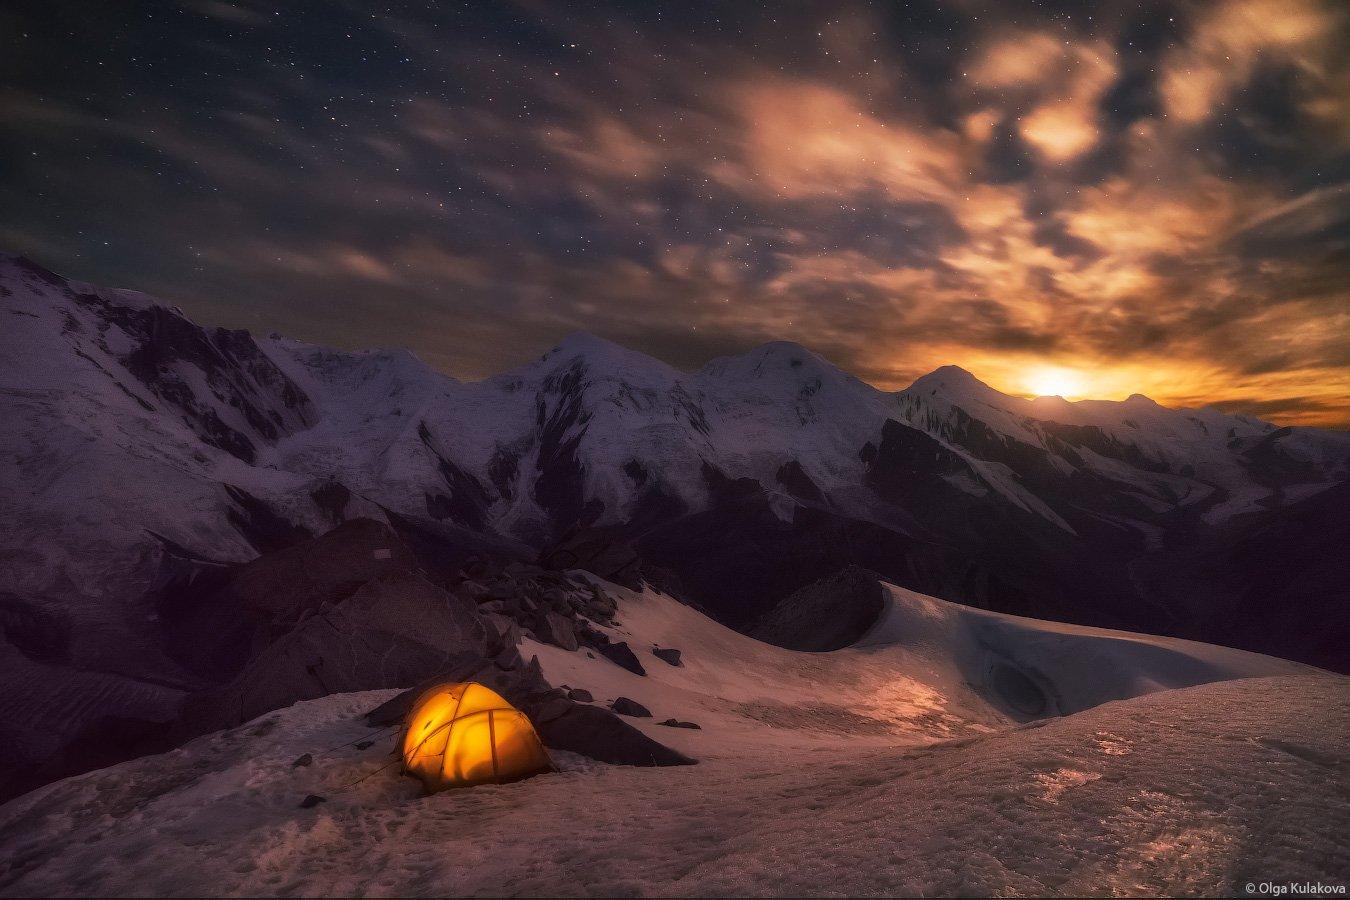 горы, ночь, луна, закат луны, баянкол, пик астана, пик казахстан, пик баянкол, тянь-шань, Ольга Кулакова